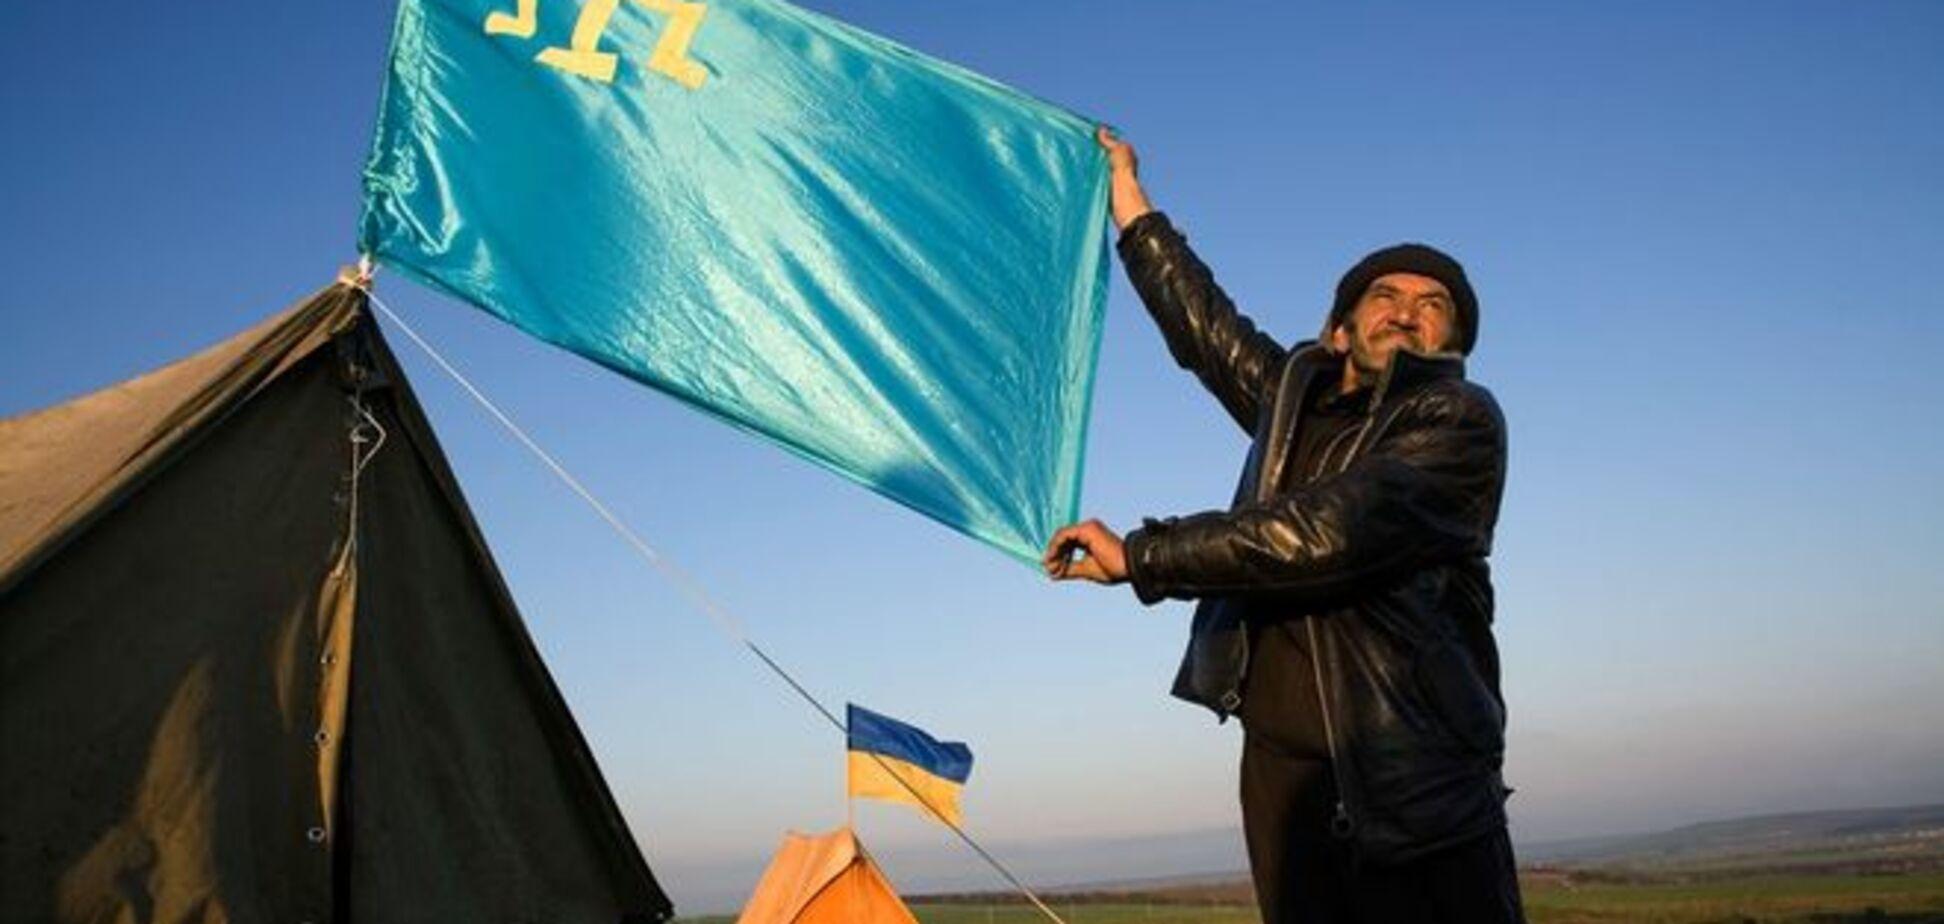 Кримських татар закликали розмовляти з окупантами на рідній мові